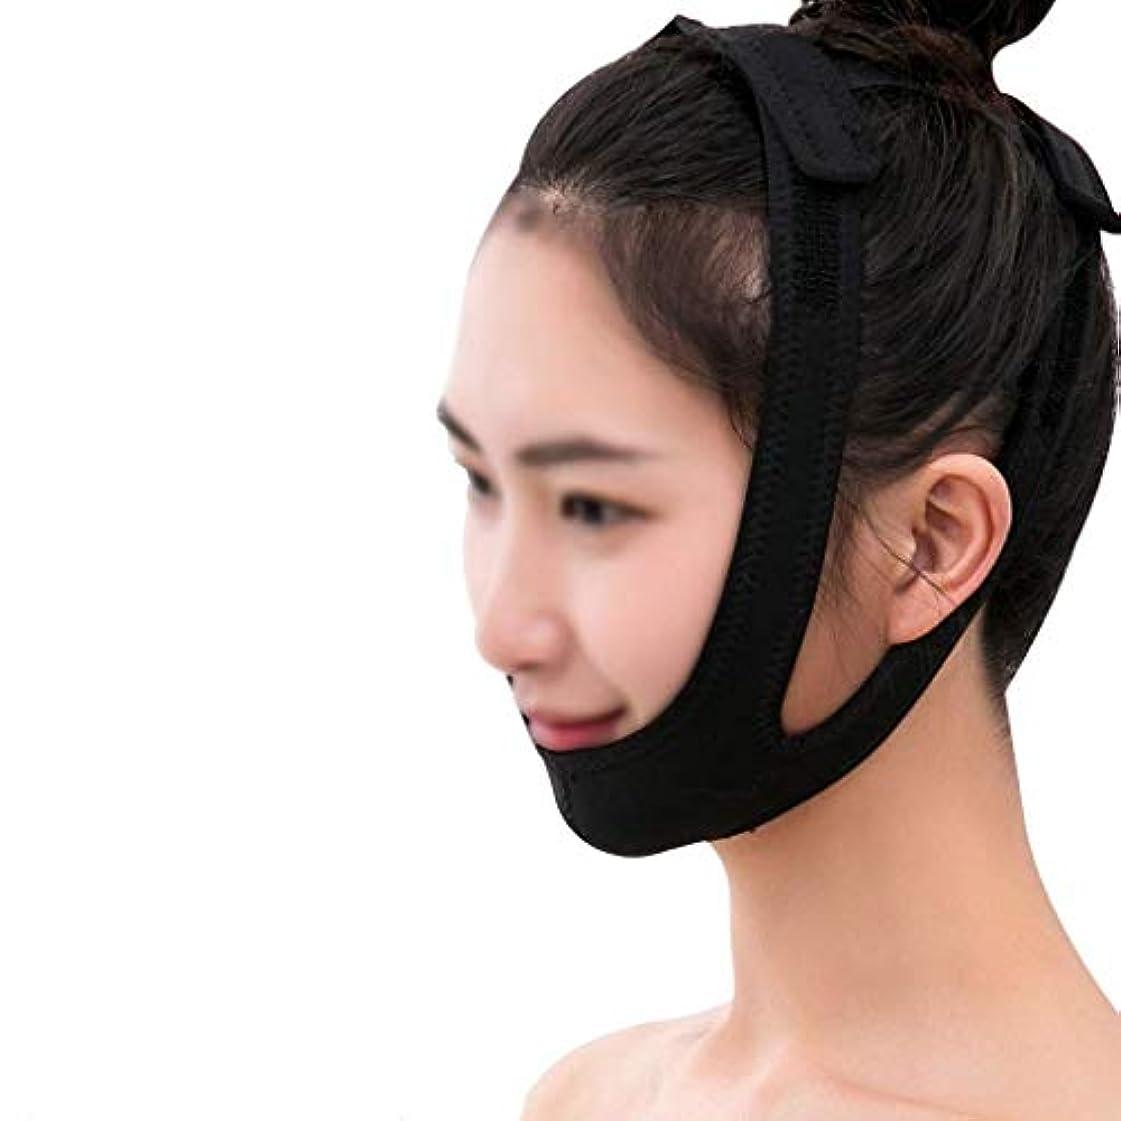 ドア足首新聞フェイシャルリフティングマスク、医療用ワイヤーカービングリカバリーヘッドギアVフェイス包帯ダブルチンフェイスリフトマスク